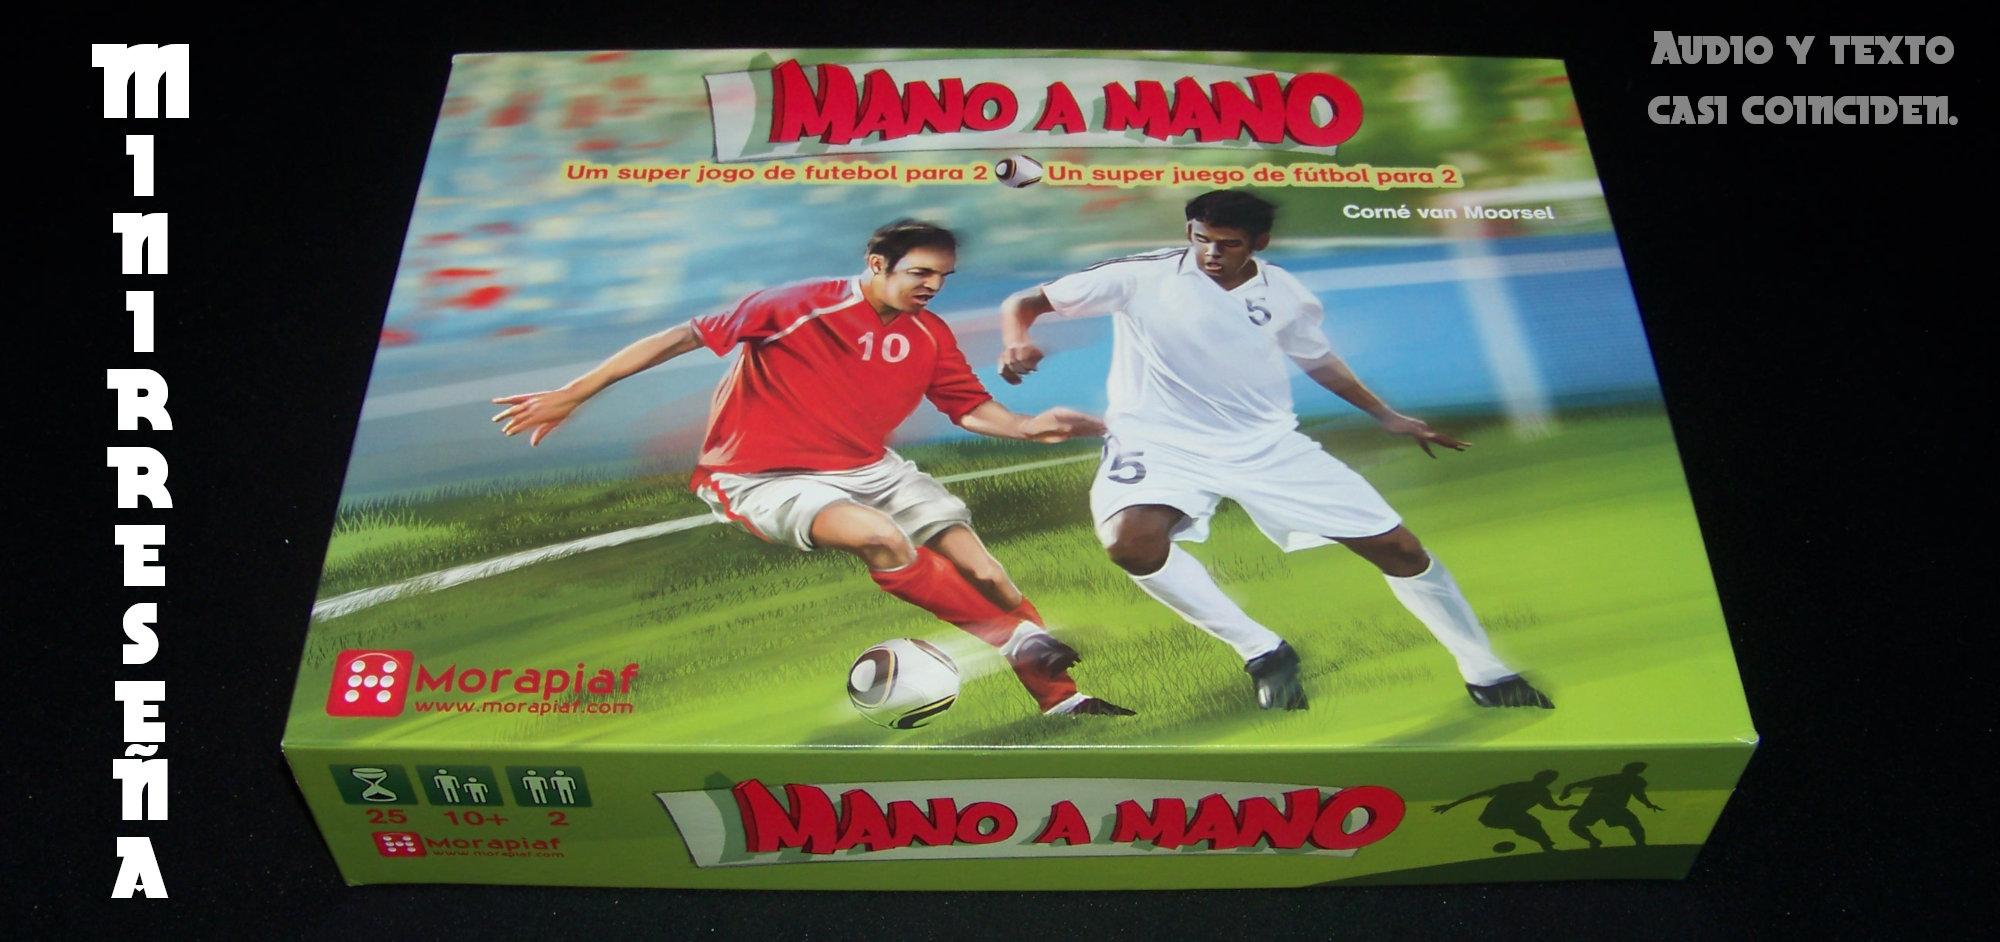 Mano a Mano - juego de mesa y fútbol - Minirreseña